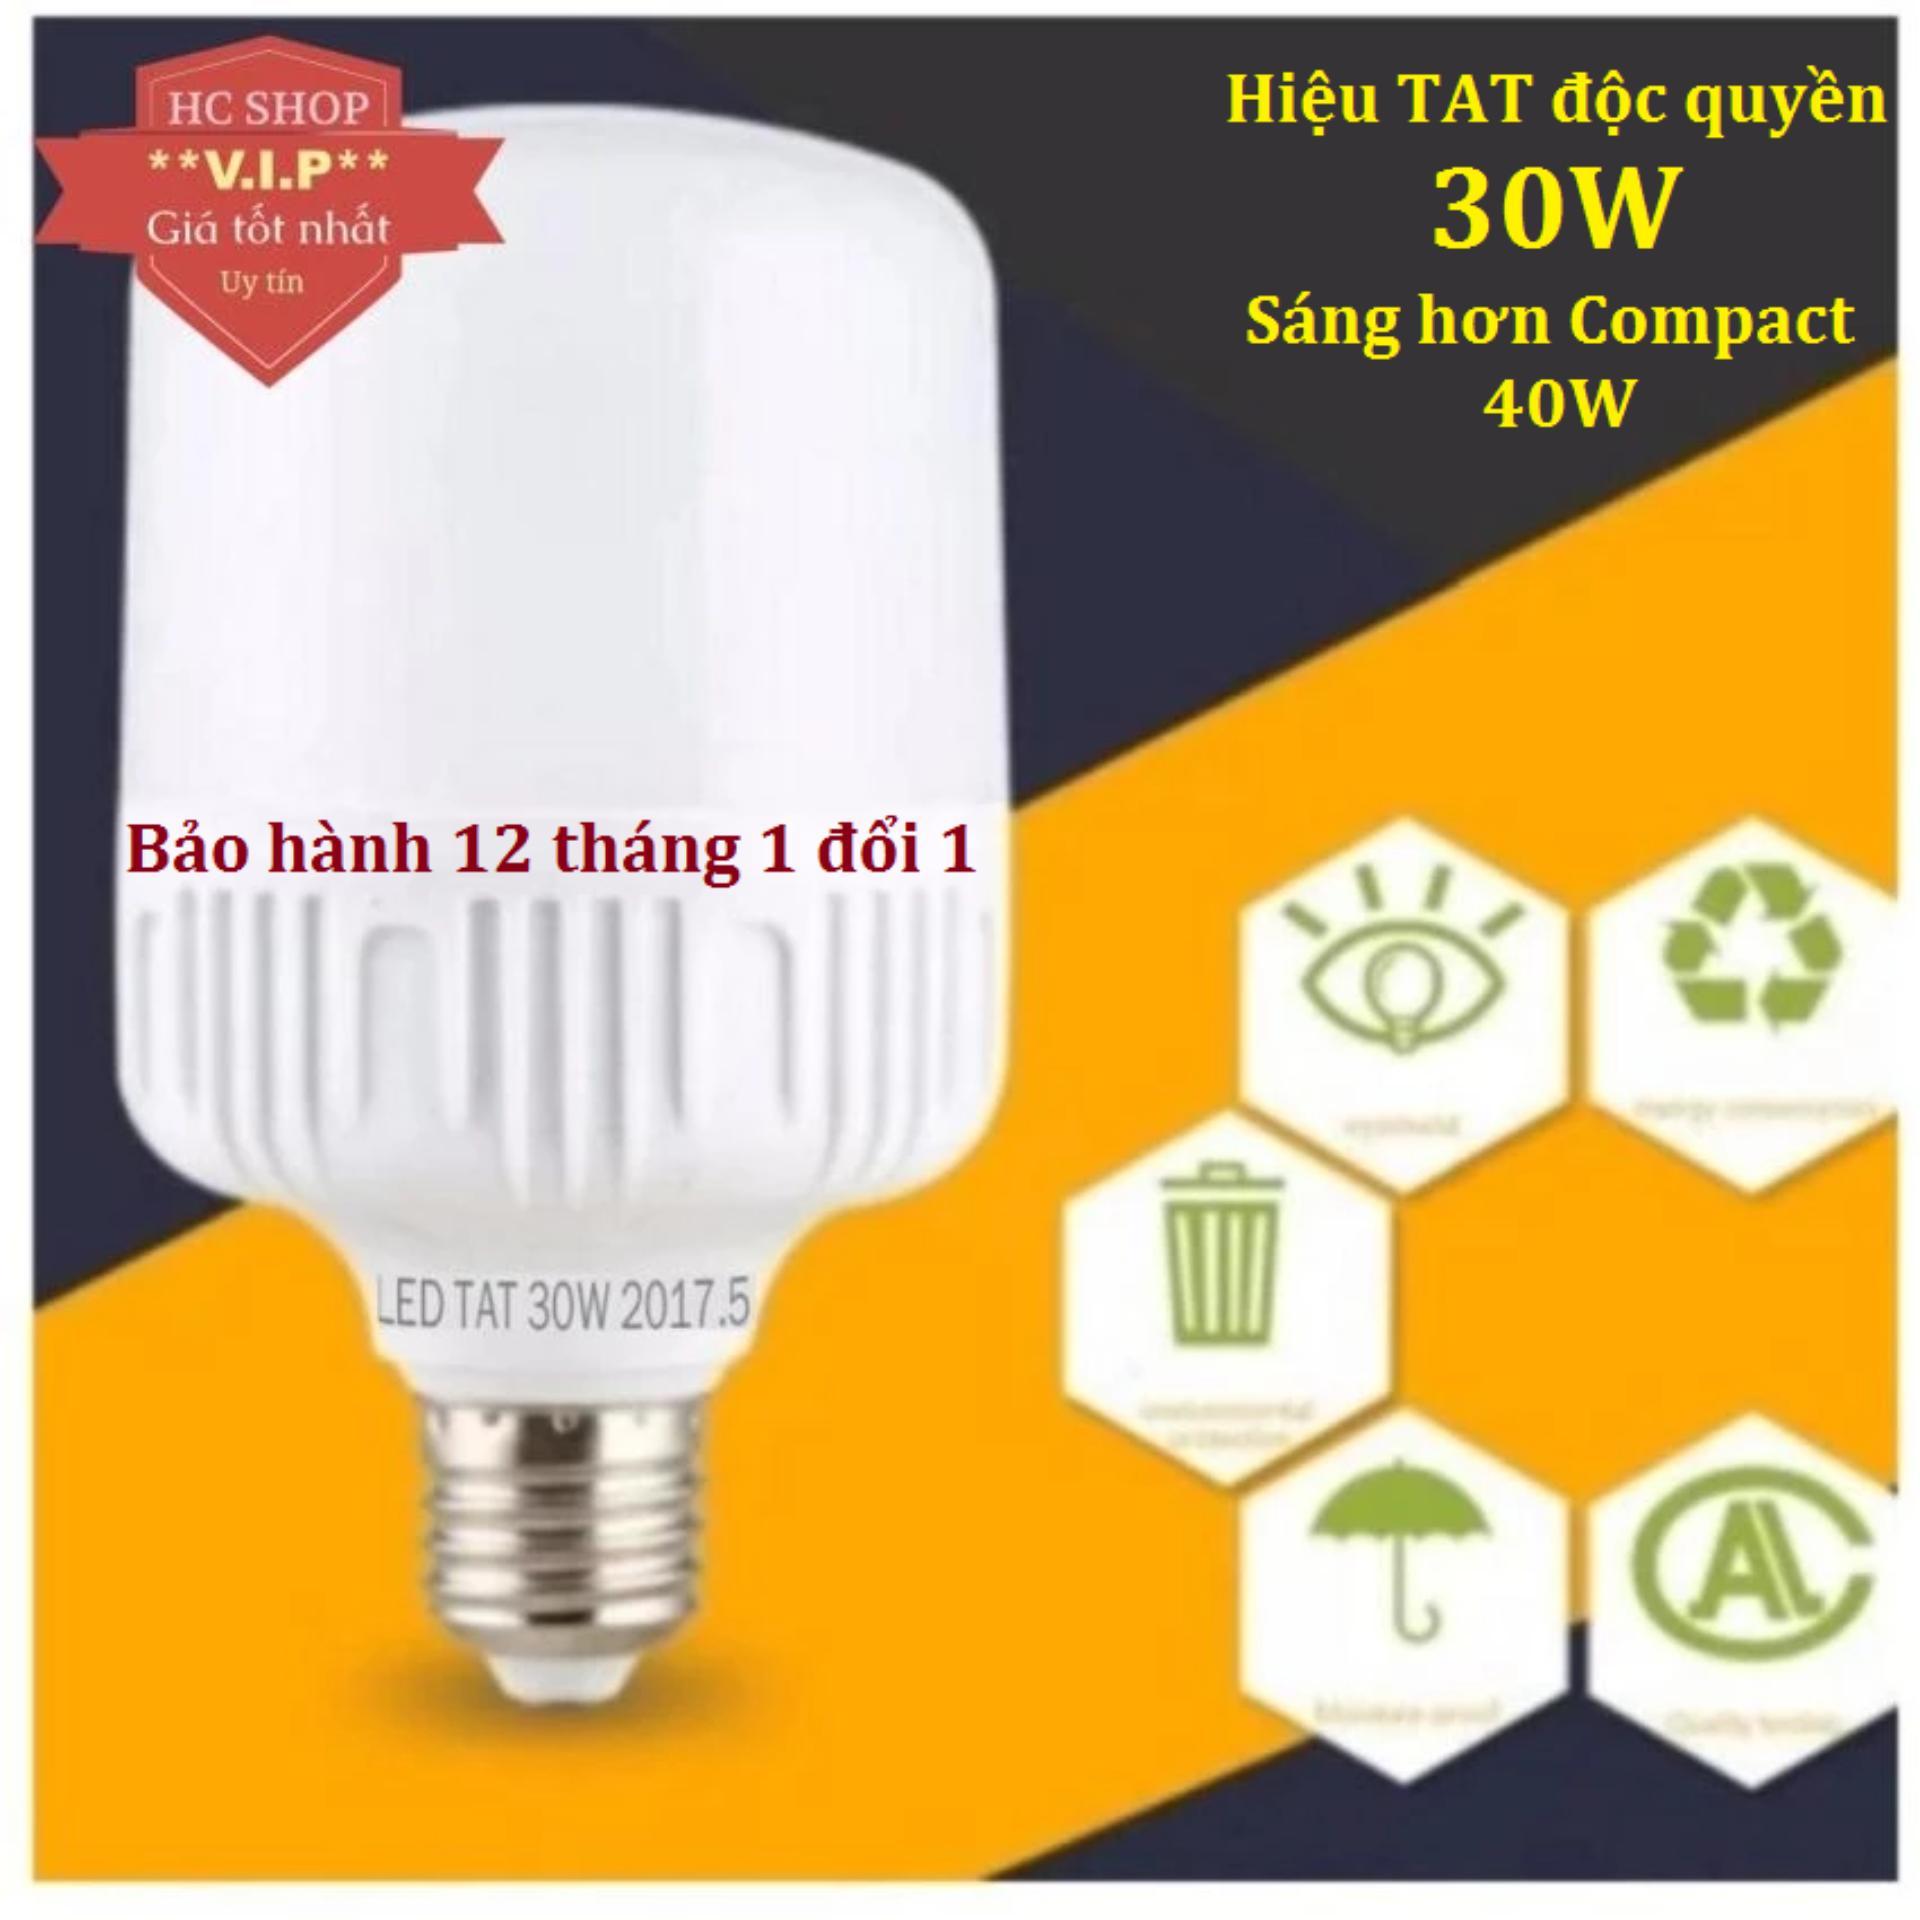 [Giá Sỉ] Bóng đèn Led trụ 30W TOATAT Siêu sáng - tiết kiệm điện (Trắng)